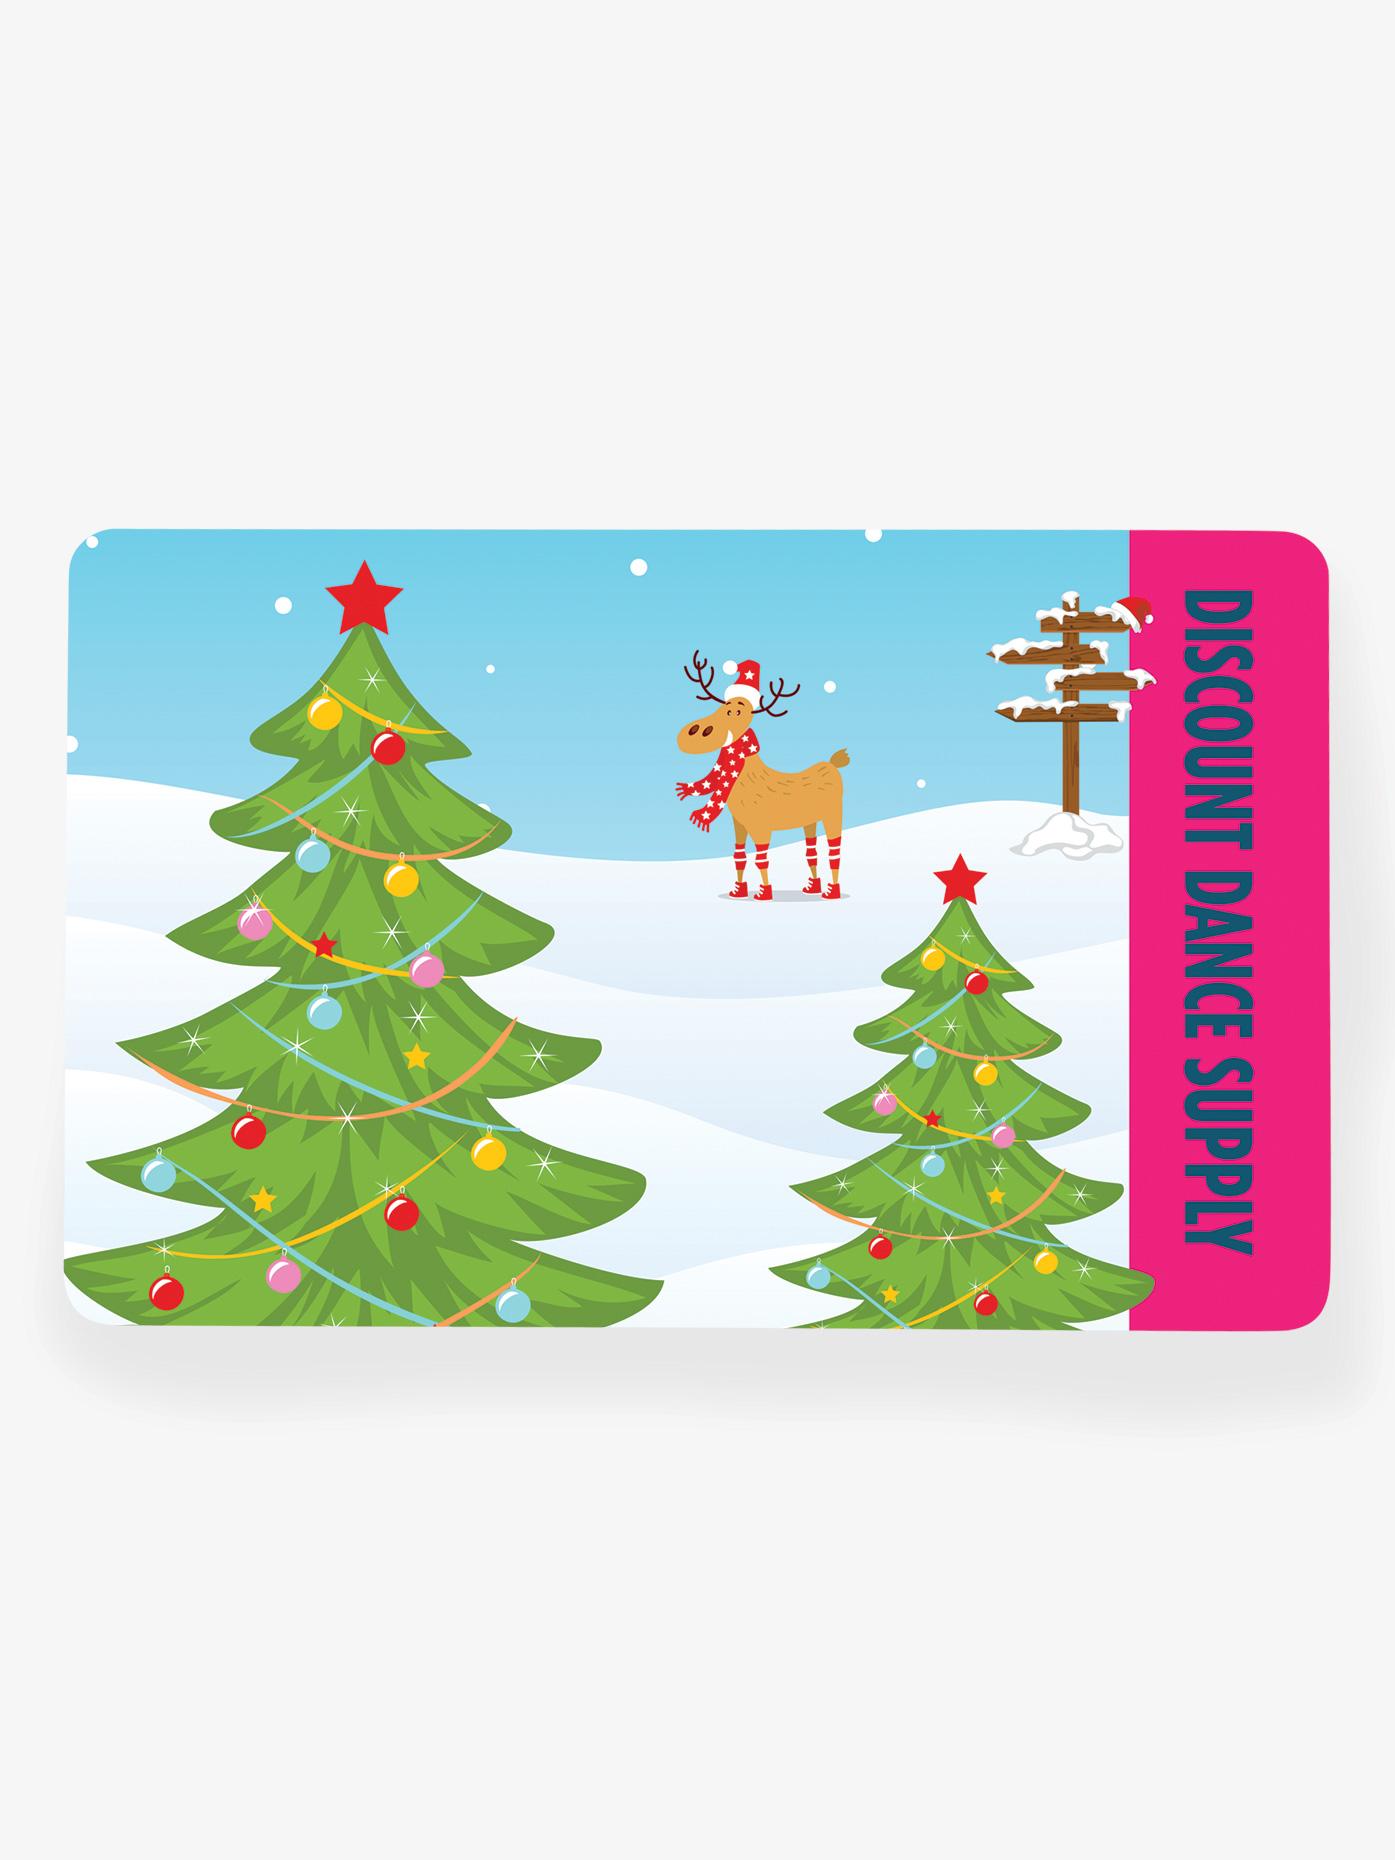 gift10_2.jpg main zoom image